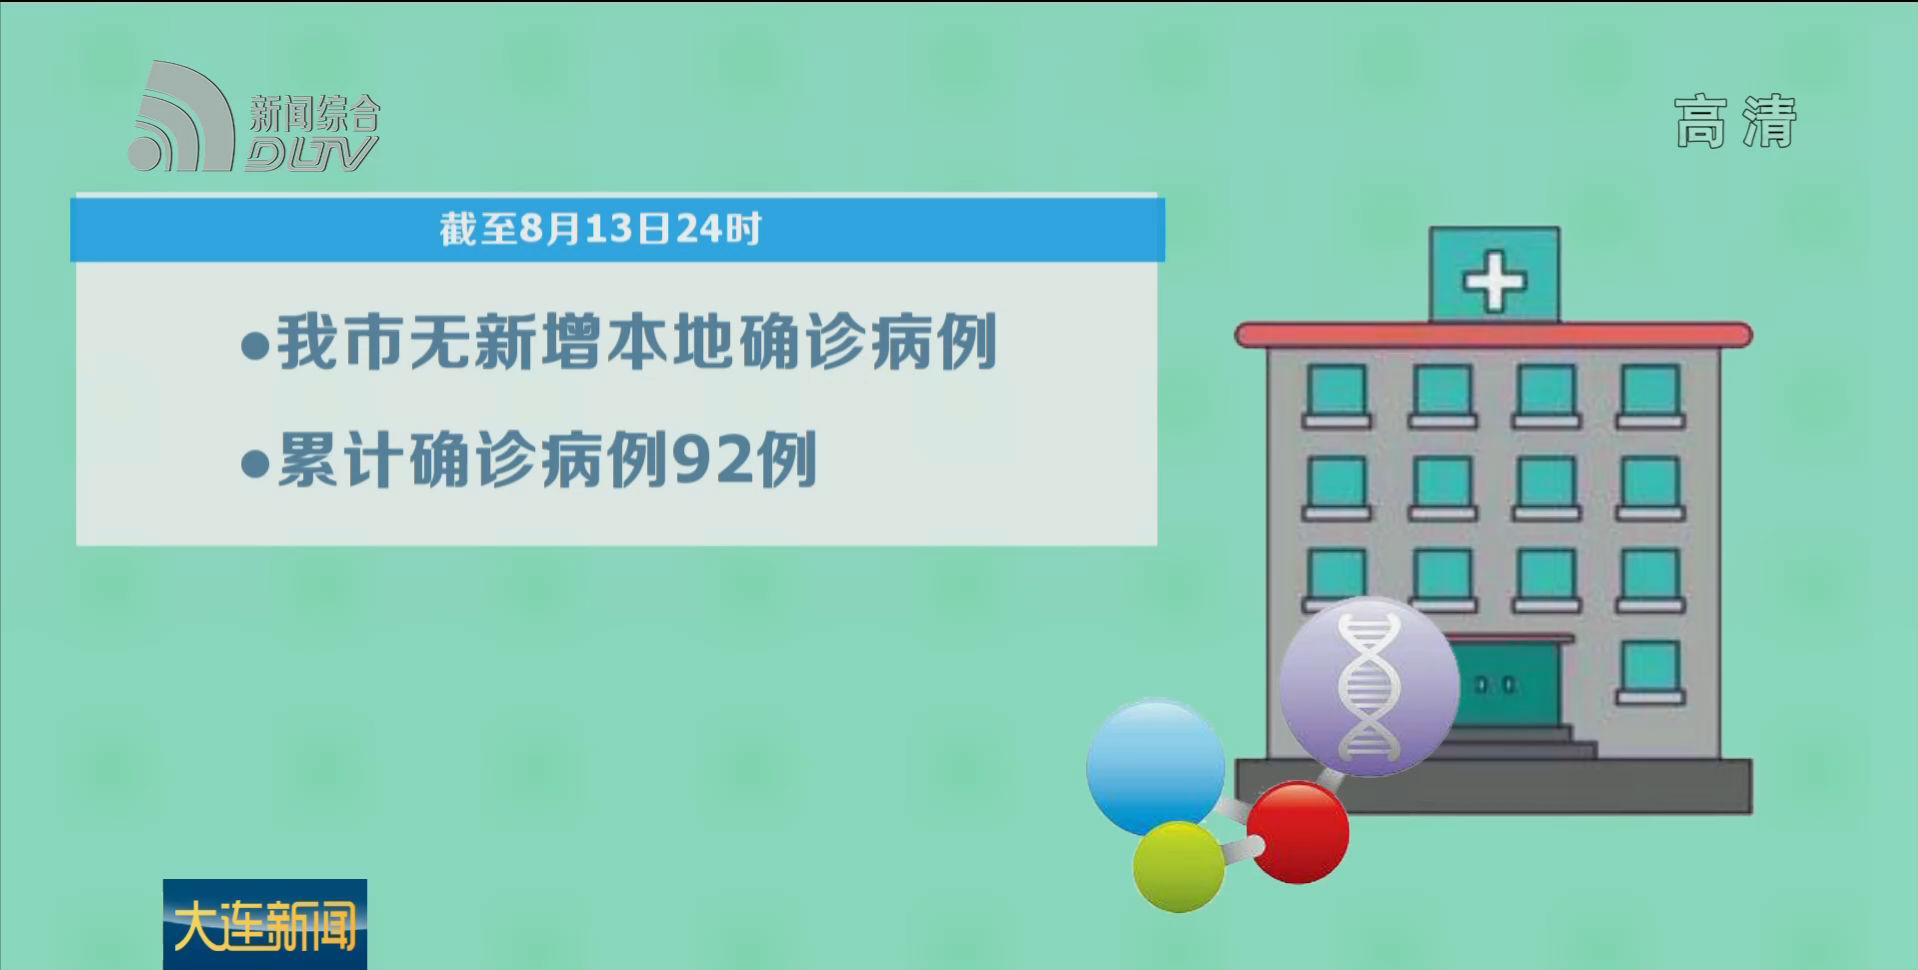 新冠肺炎疫情防控工作第40次集中发布